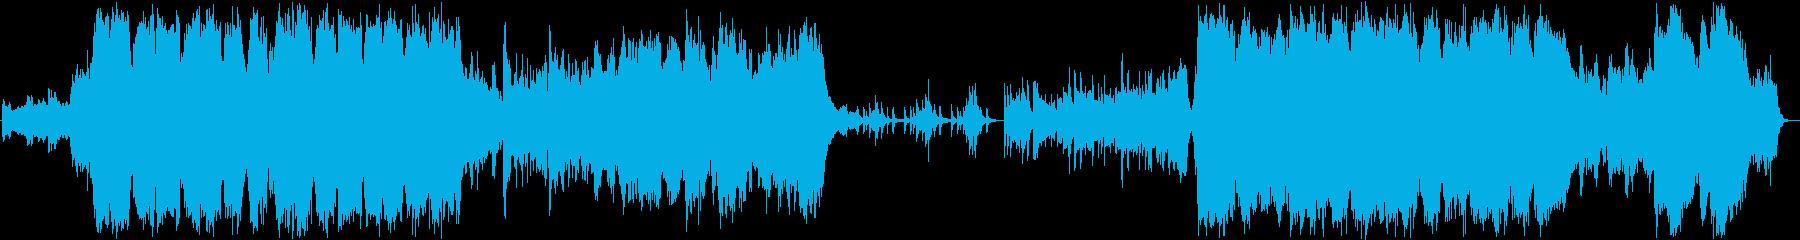 ゲーム音楽 オープニング ファンタジー系の再生済みの波形